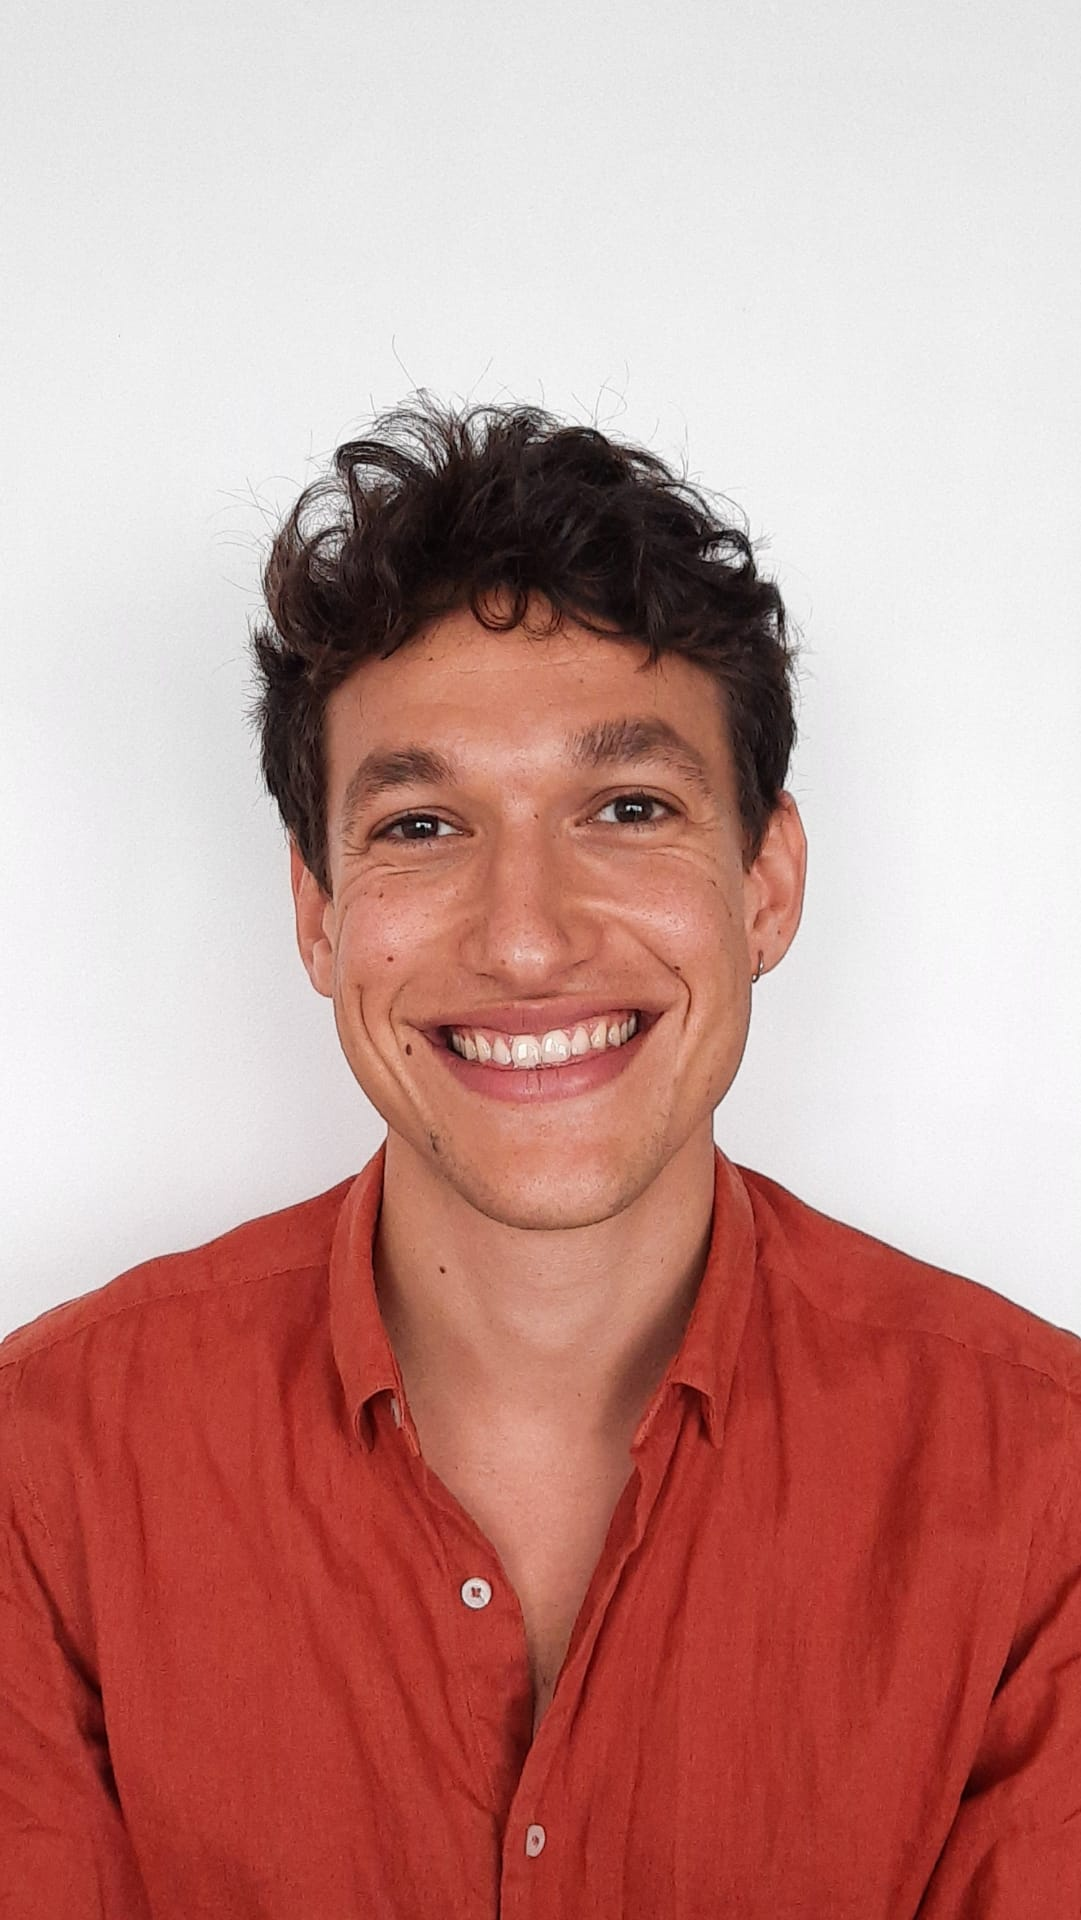 Mathieu Blondeel